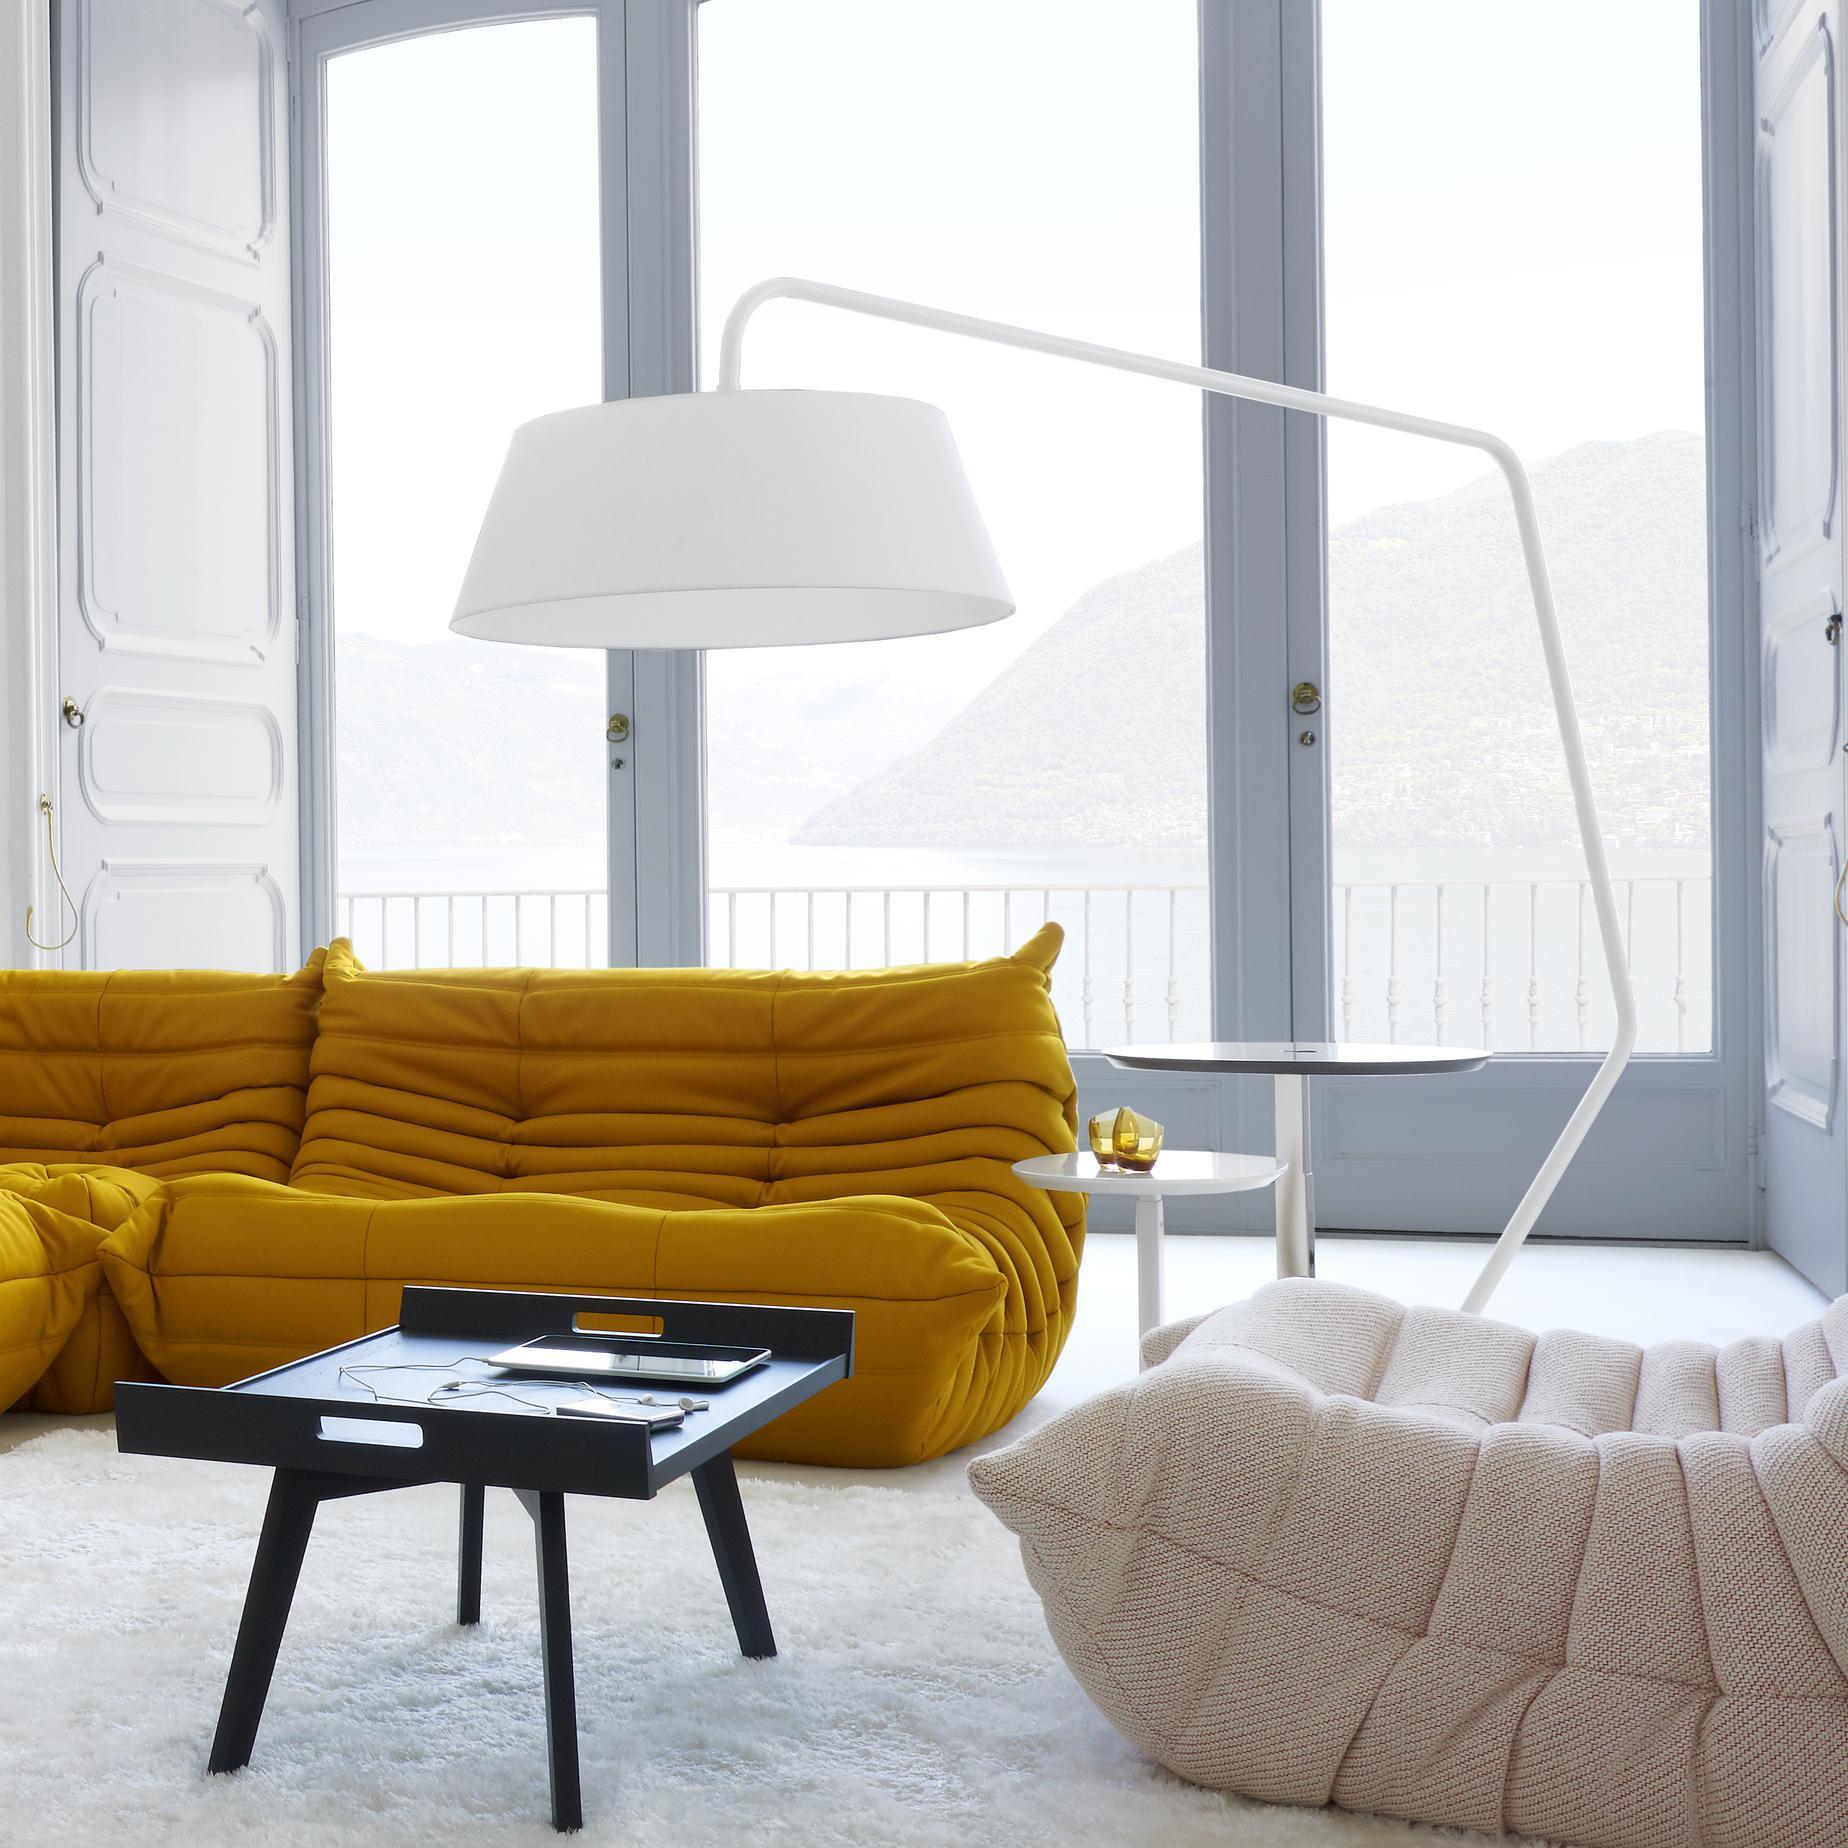 bul floor lighting designer ligne roset ligne roset. Black Bedroom Furniture Sets. Home Design Ideas